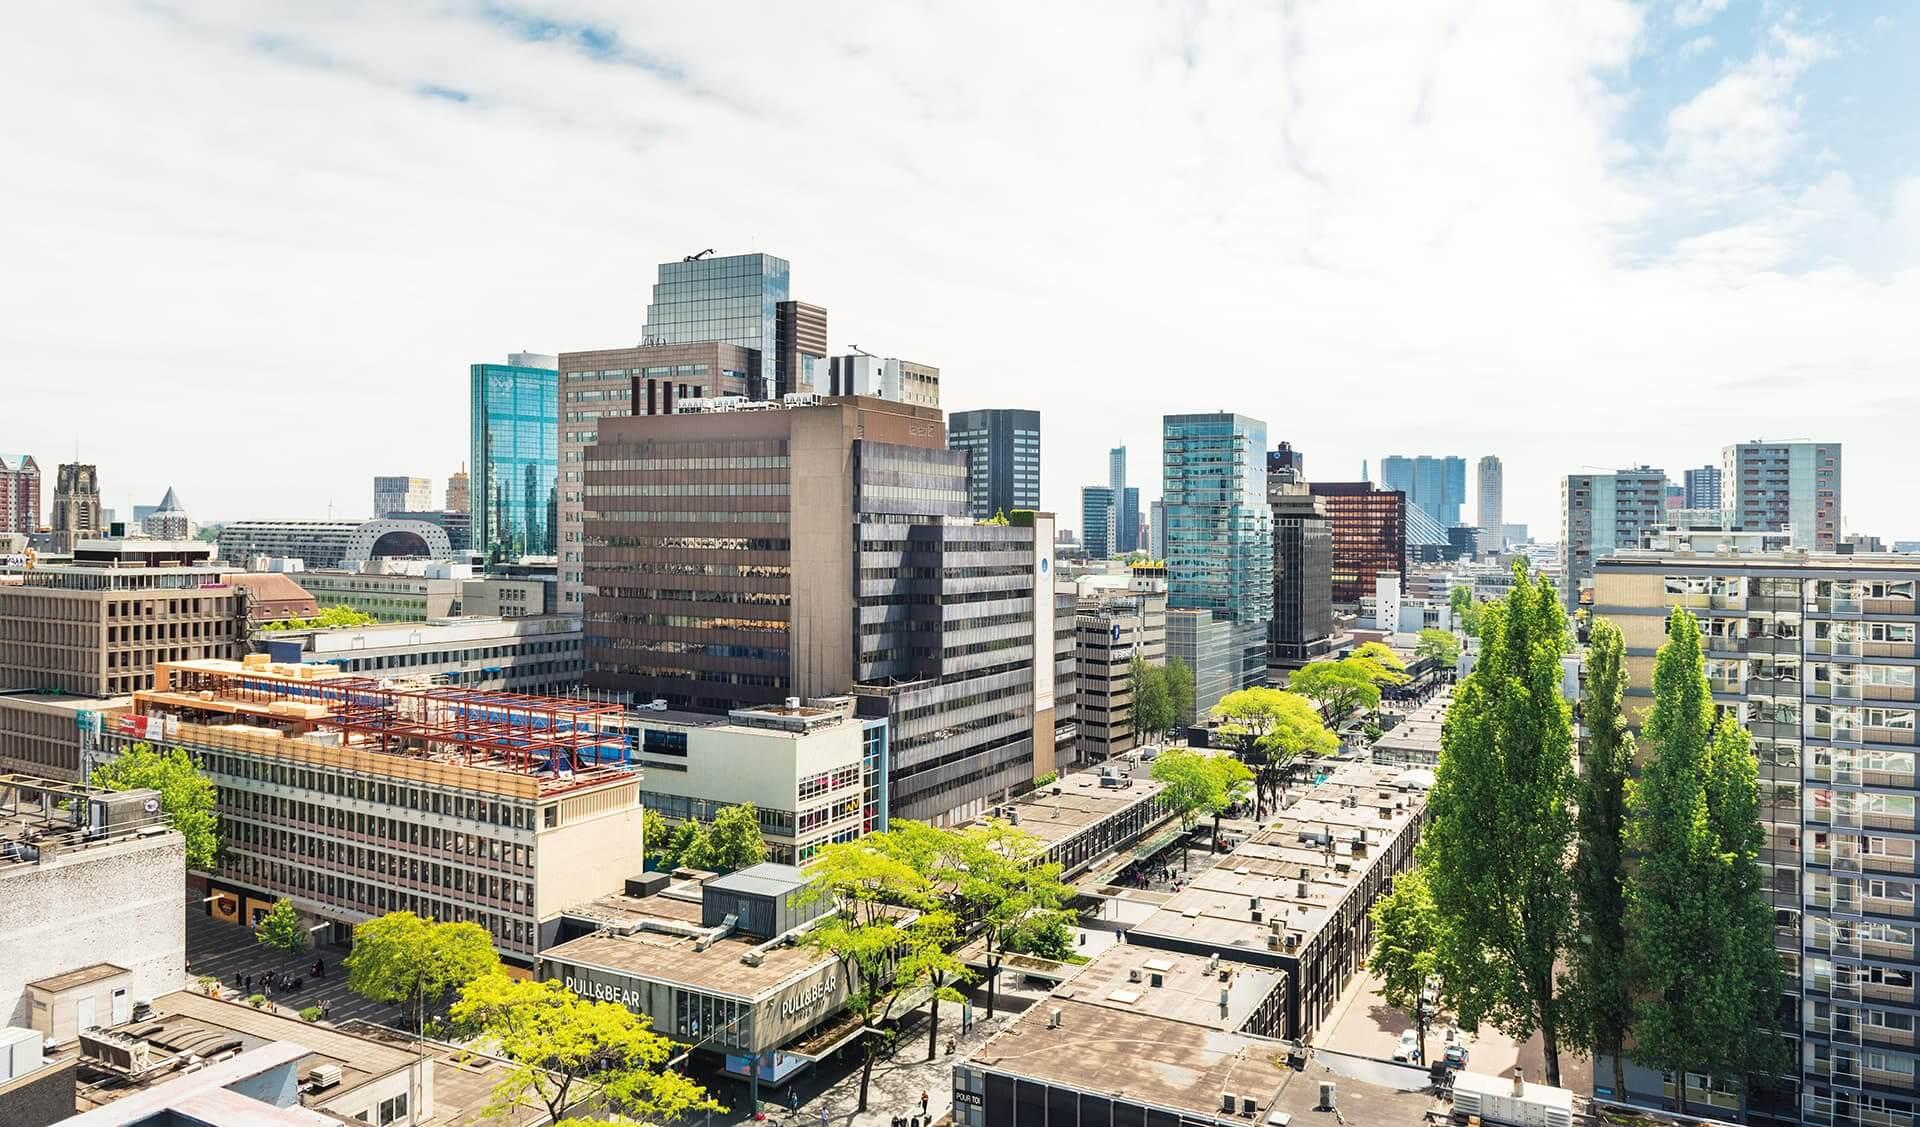 Rotterdamse Ondernemersprijs terug in nieuwe stijl